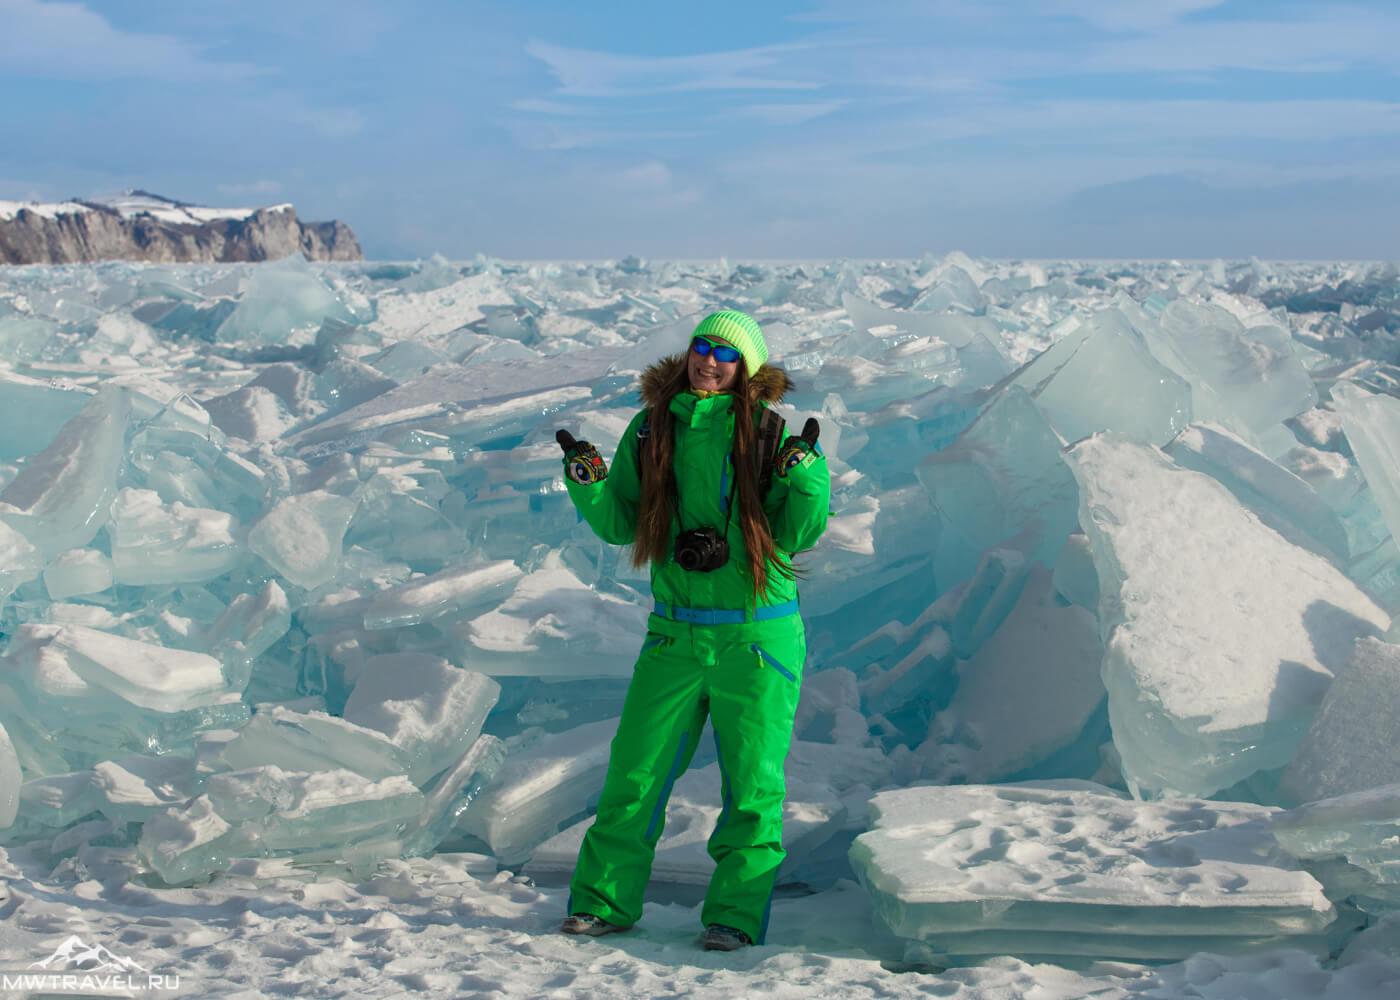 Озеро Байкал зимой: фото и отчет о походе по льду